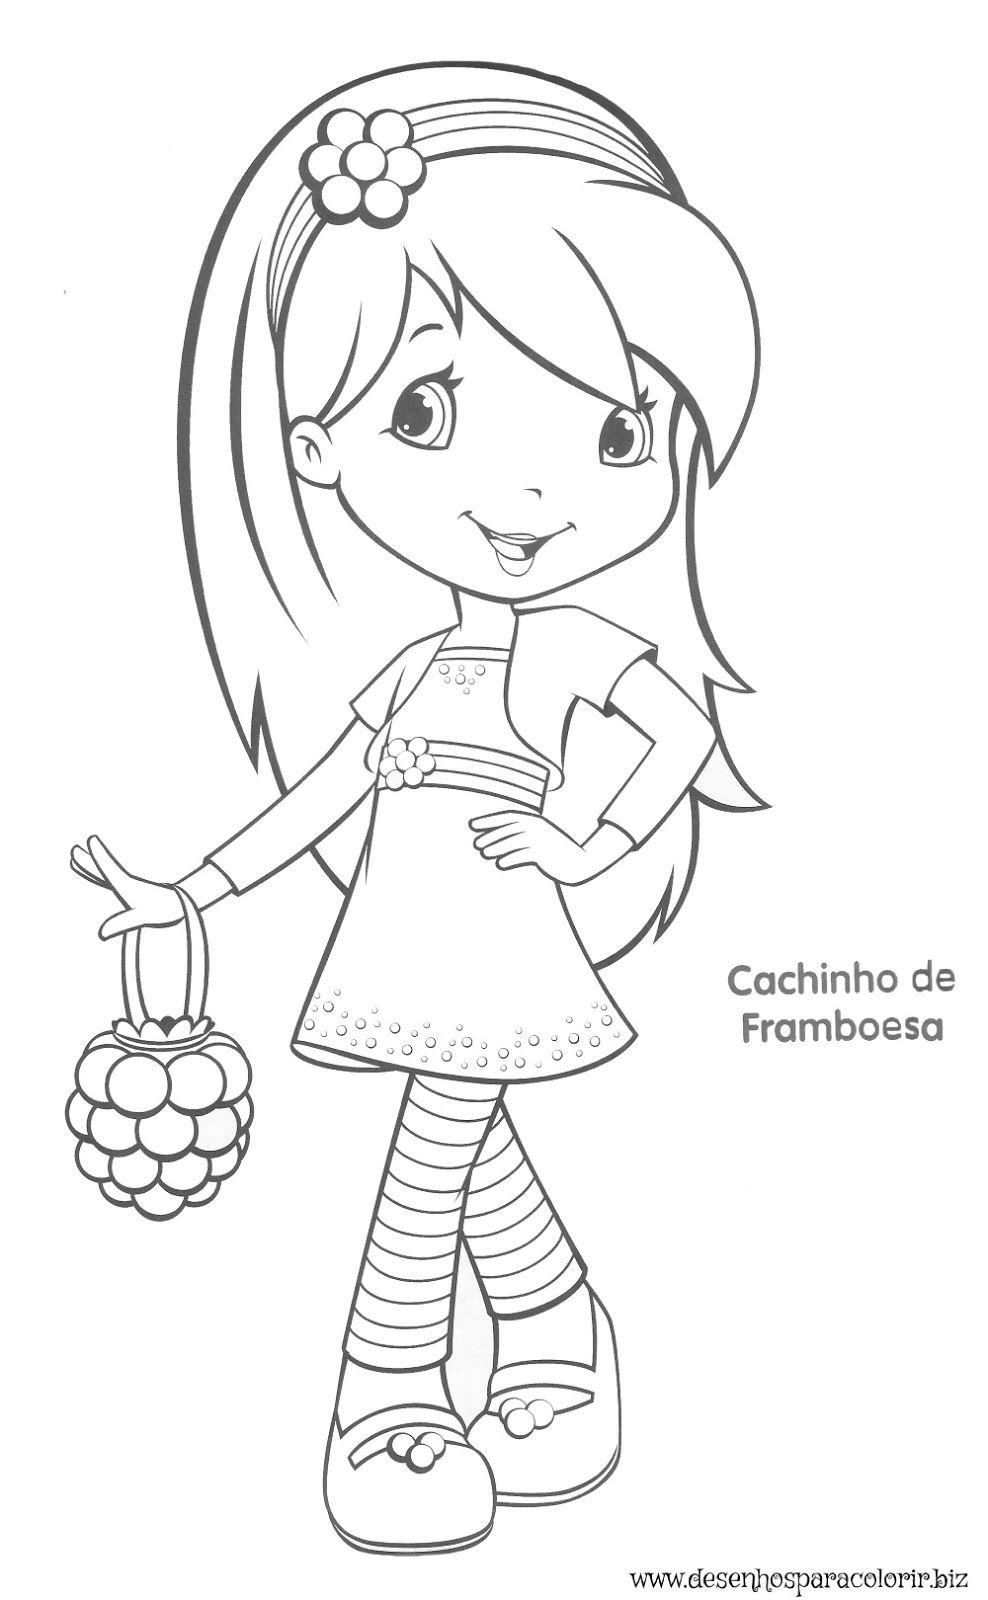 aqui no site temos vários desenhos da moranguinho para colorir